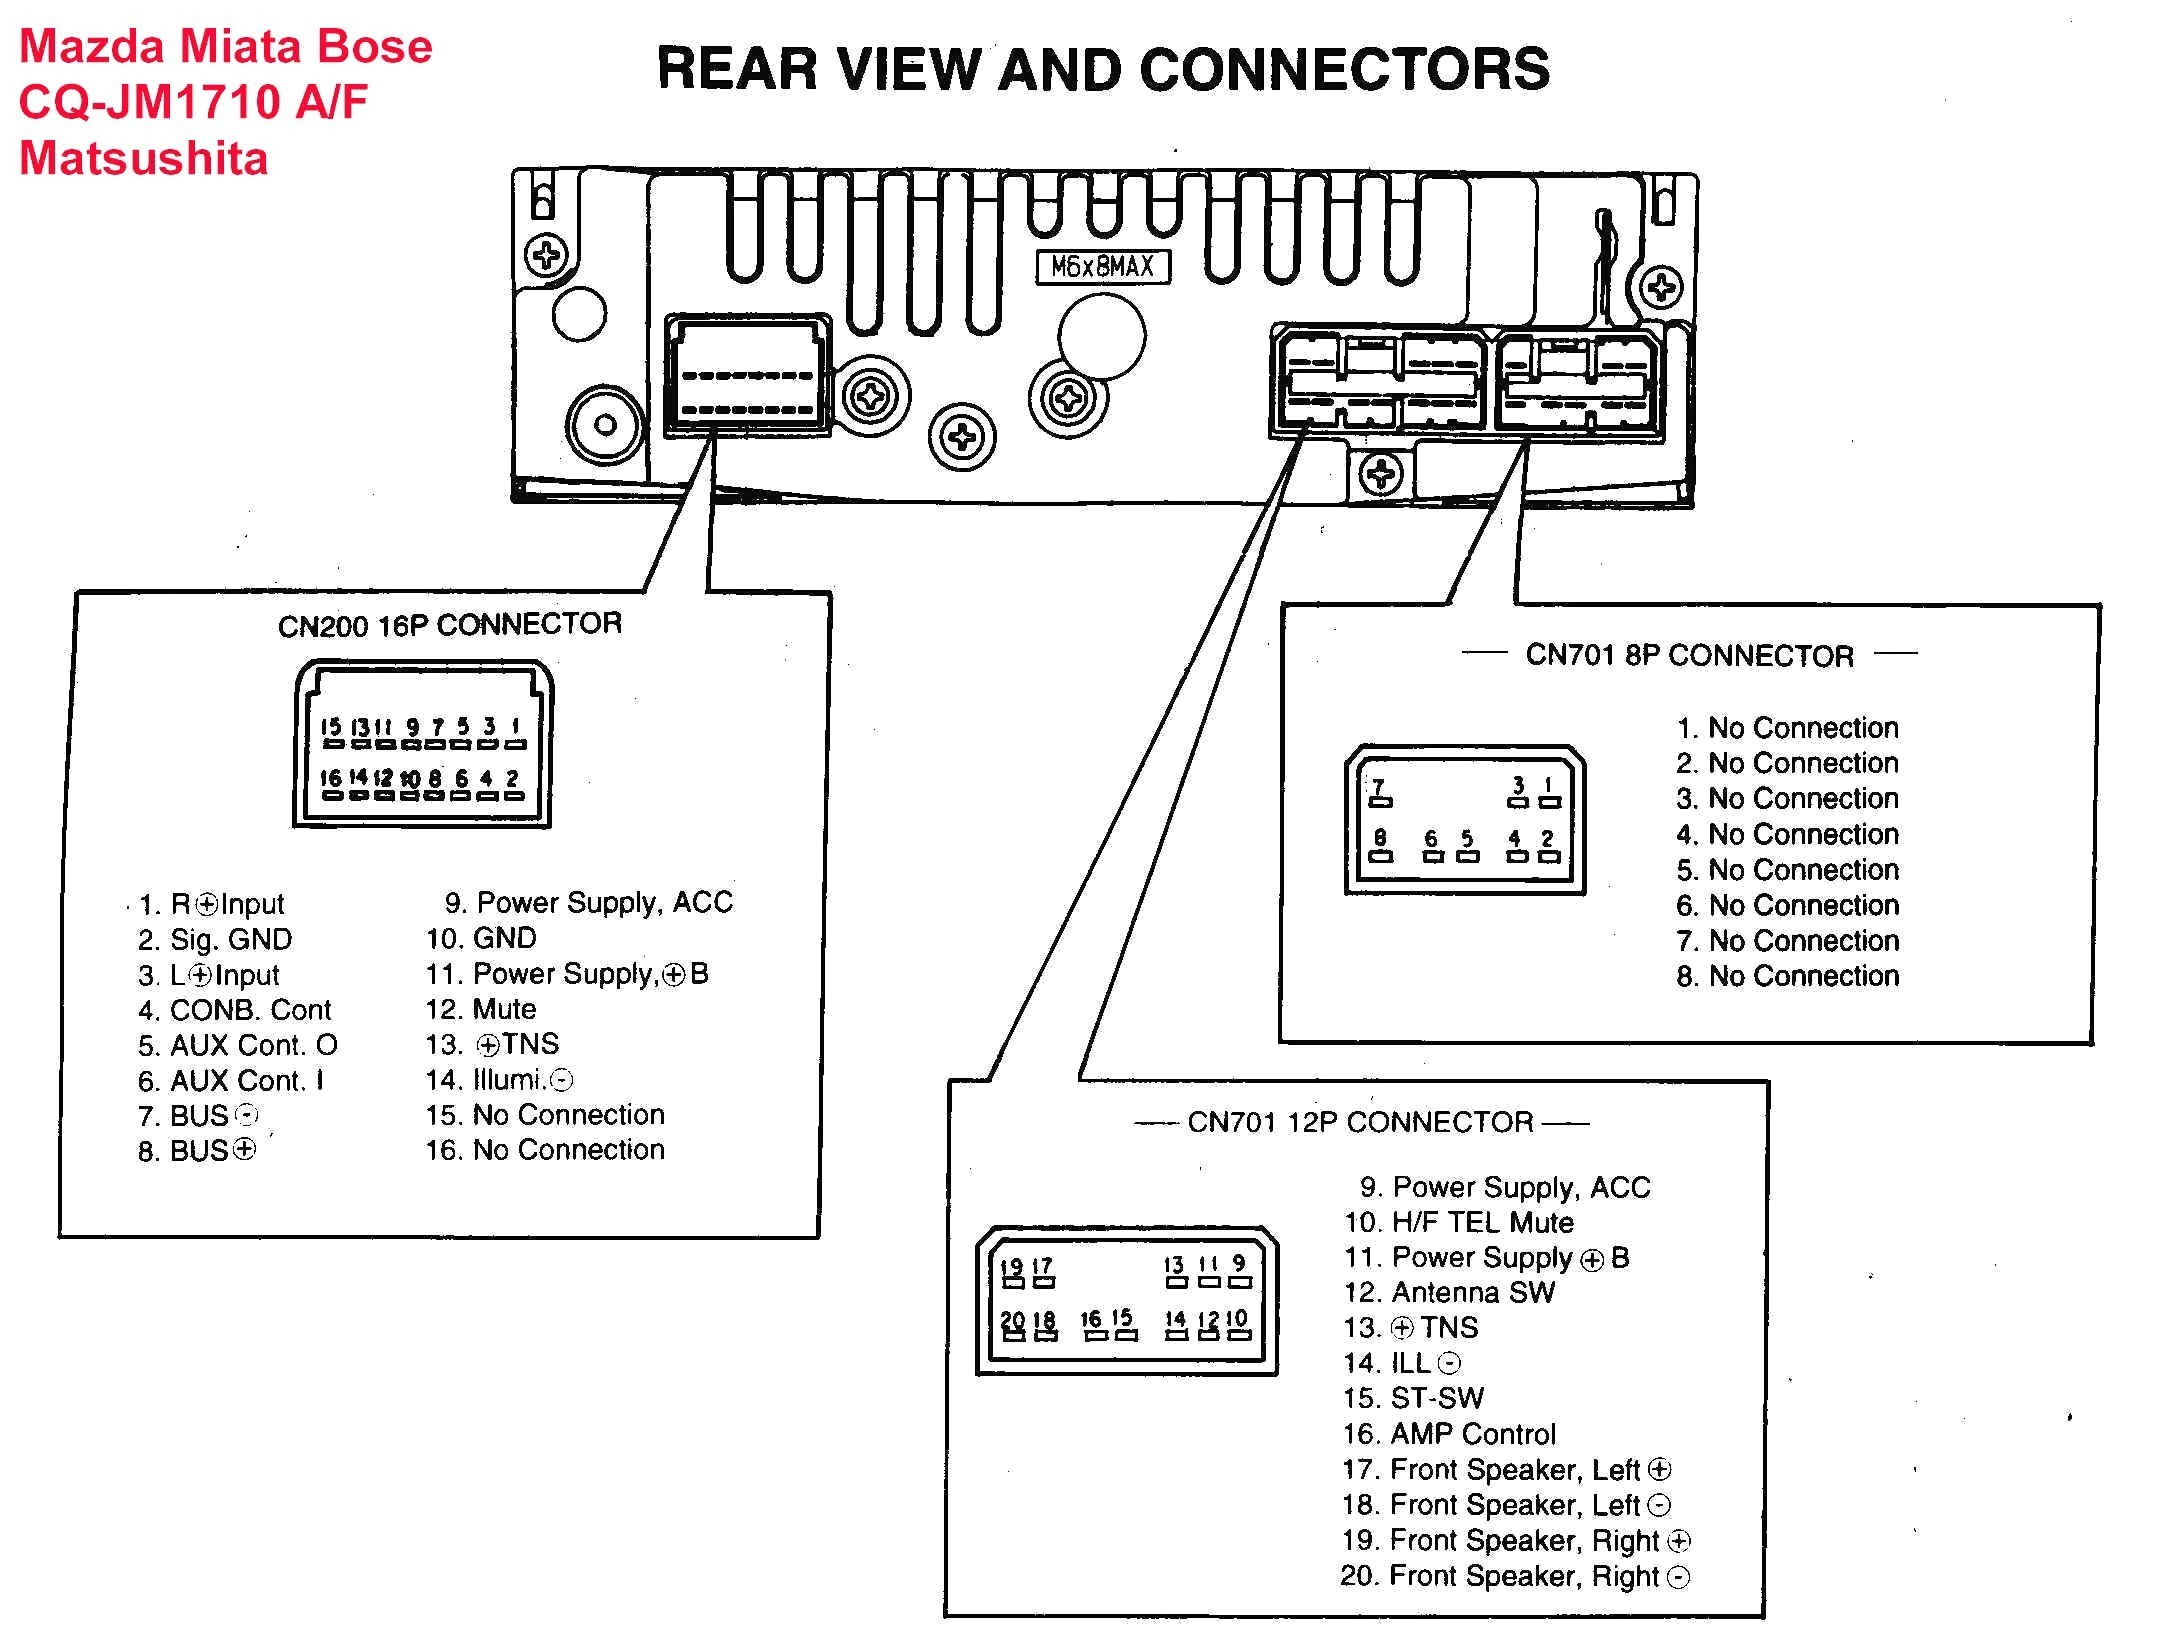 Panasonic Stereo Wiring Diagram Wiring Schematic Database Sony Car Radio Wiring  Diagram Panasonic Car Stereo Wiring